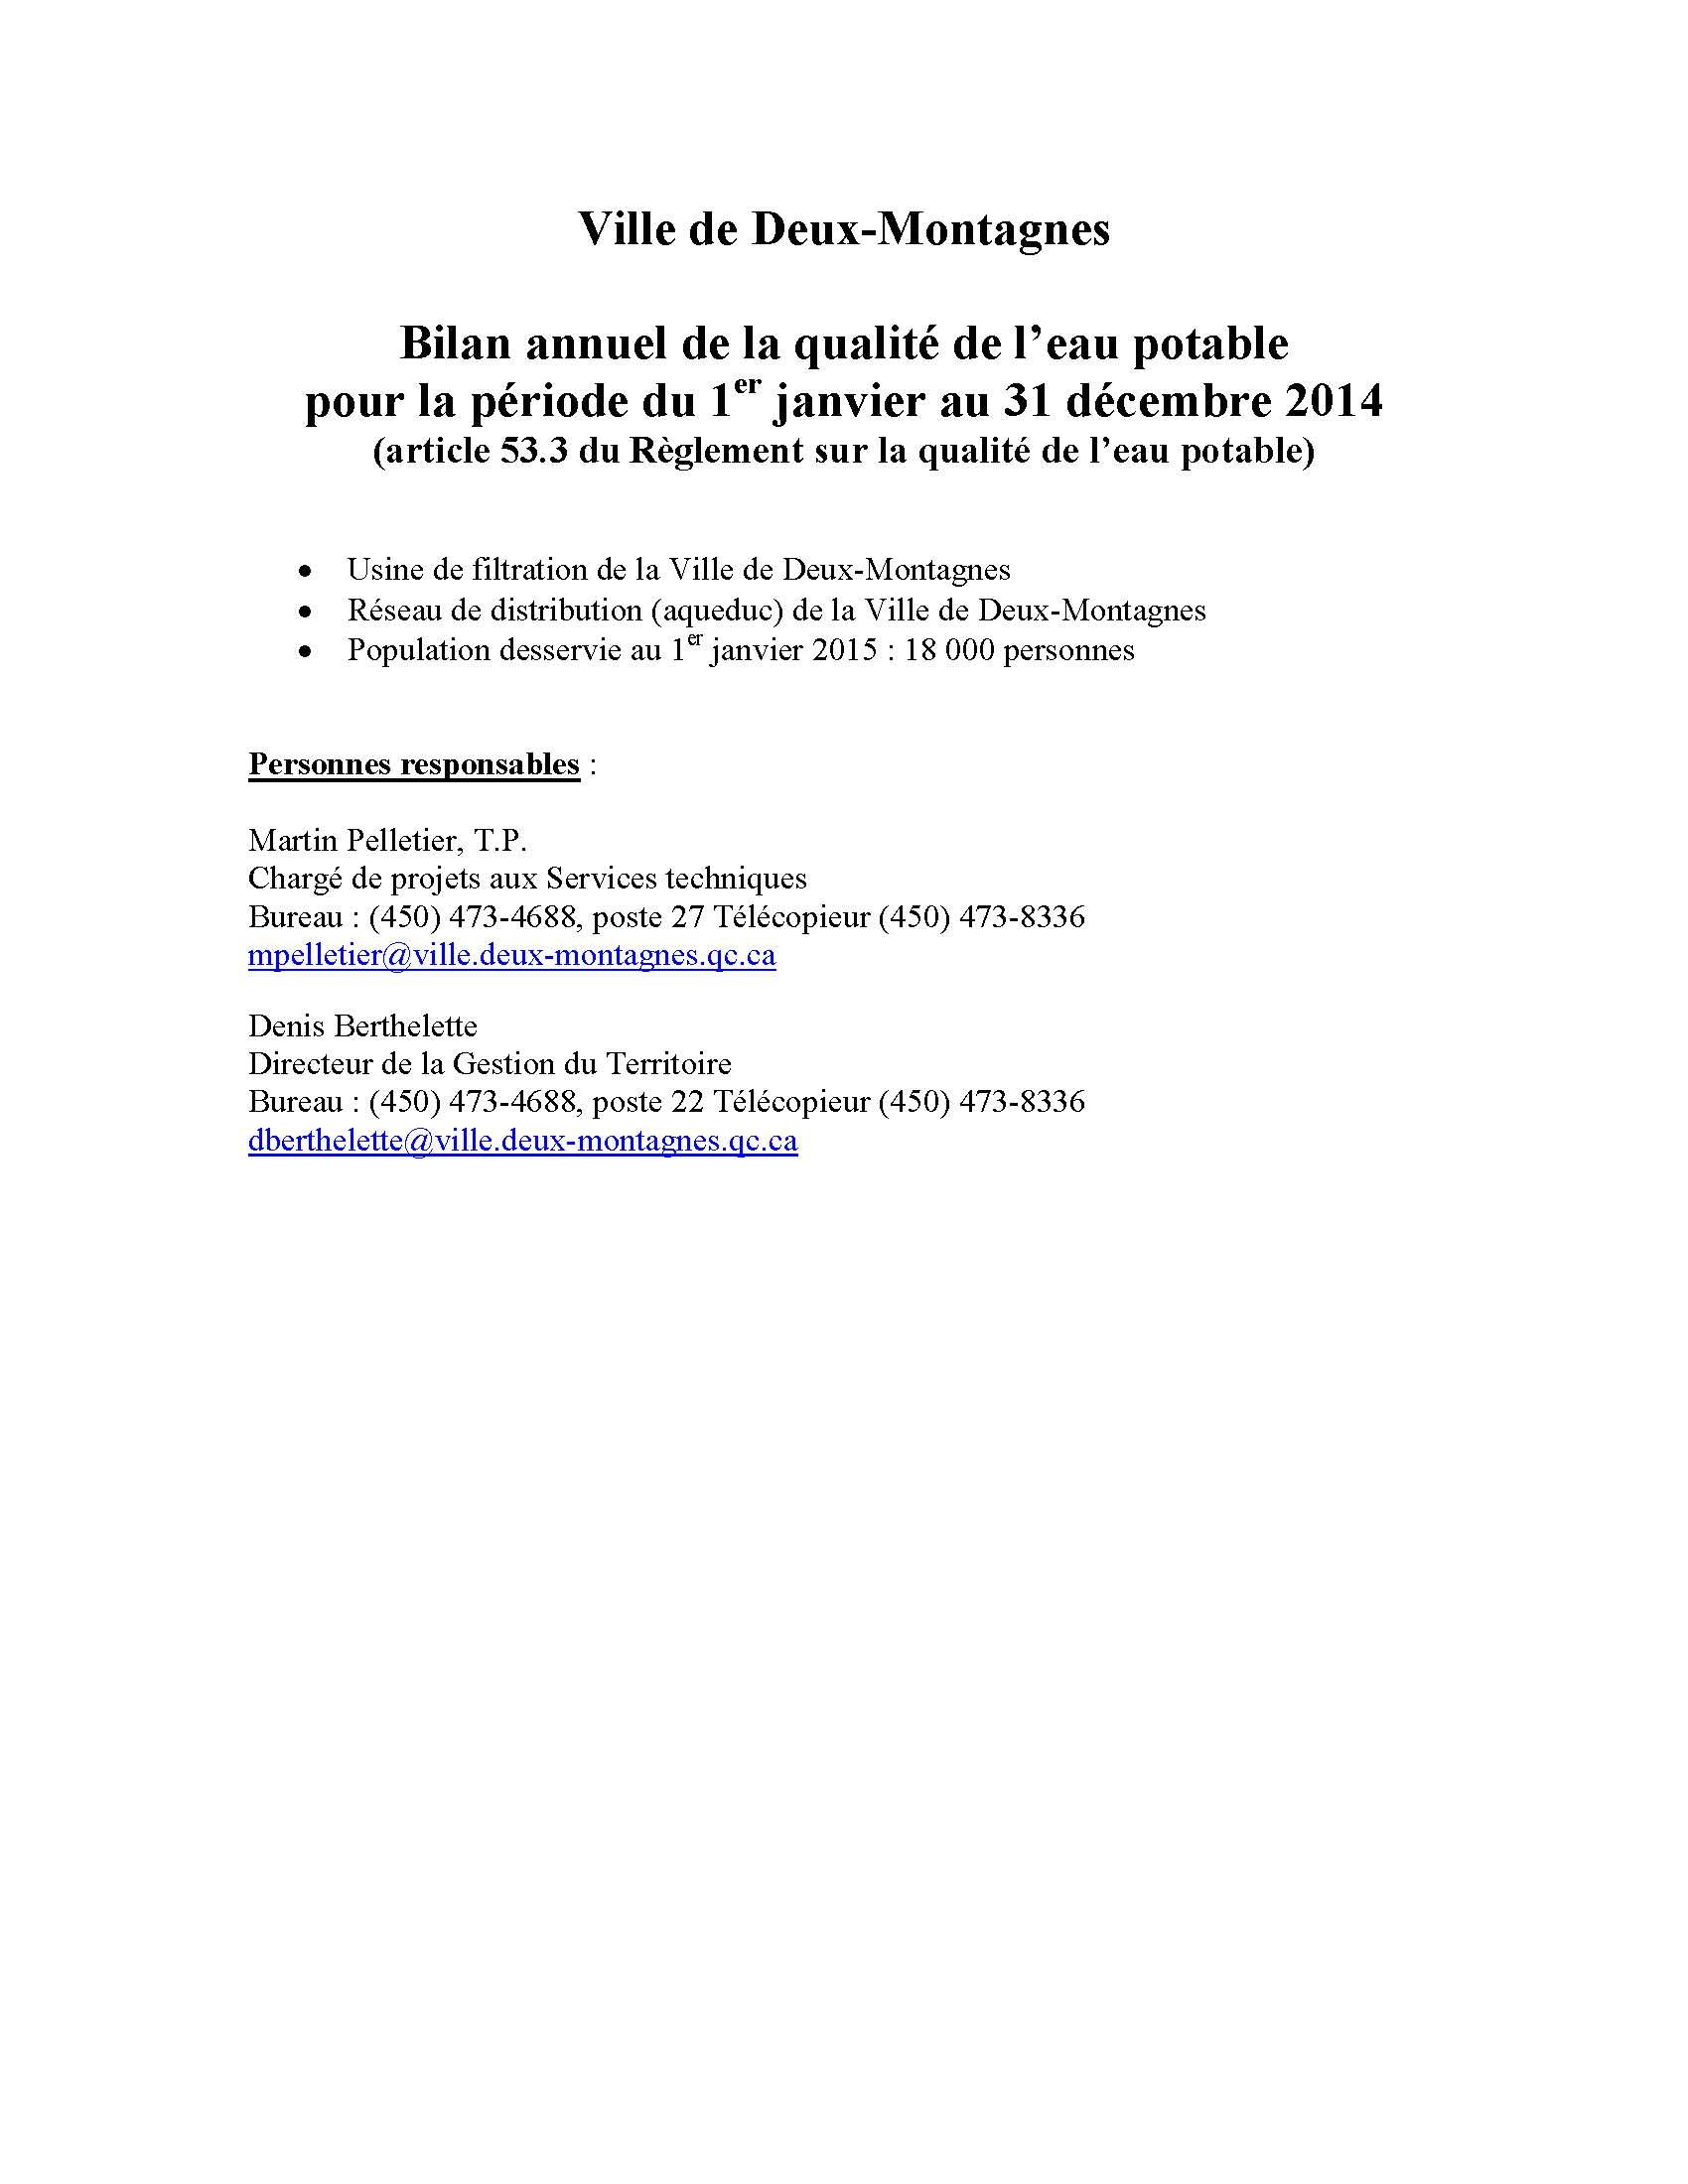 Bilan annuel des analyses d'eau potable - 2014 - Copie_Page_1